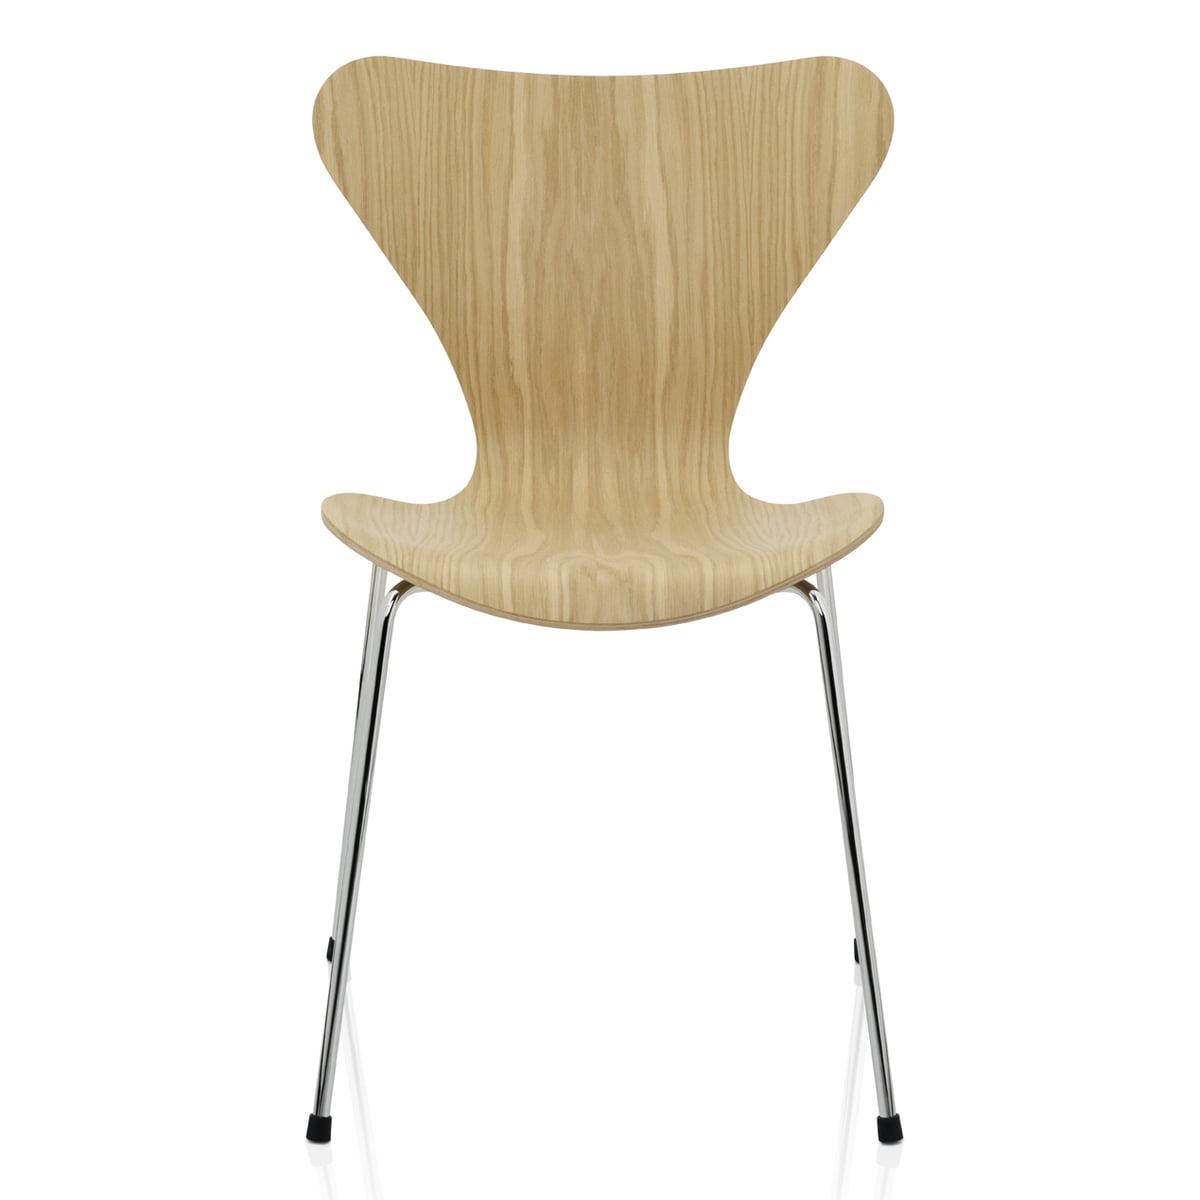 Serie 7 Stuhl, Eiche Natur, verchromt, 46.5 cm